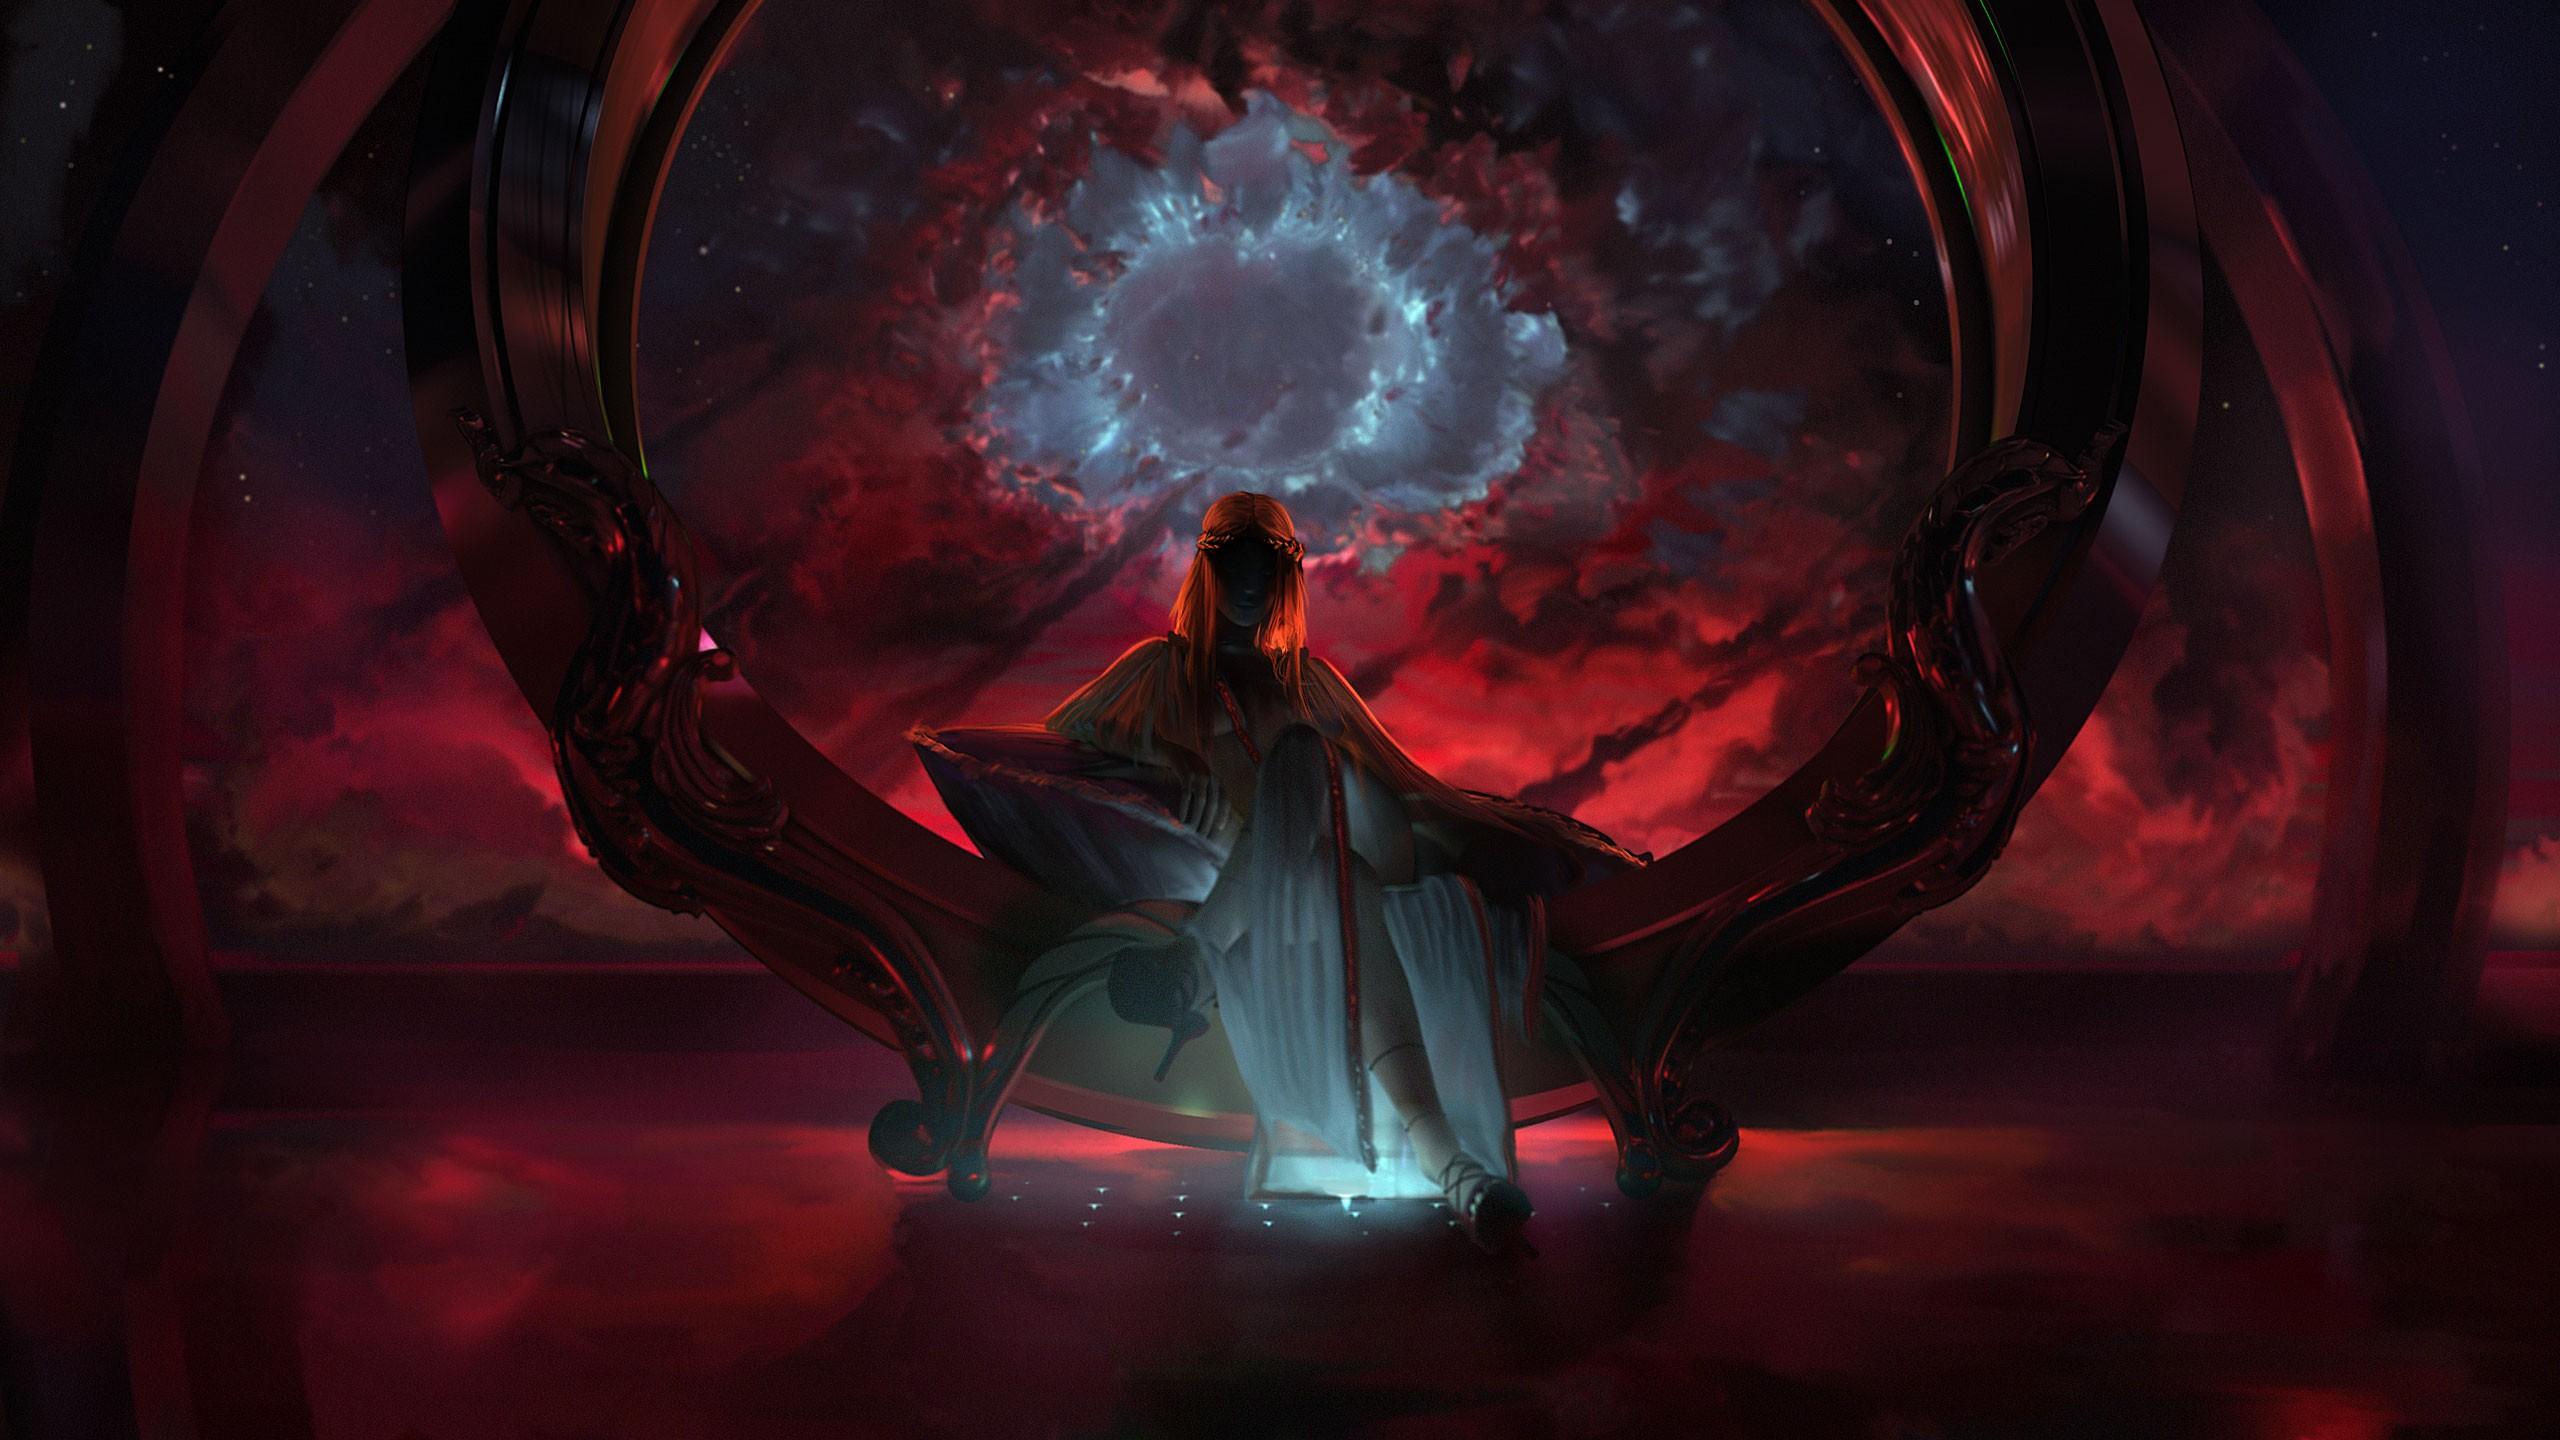 General 2560x1440 fantasy art futuristic dark space legs crossed